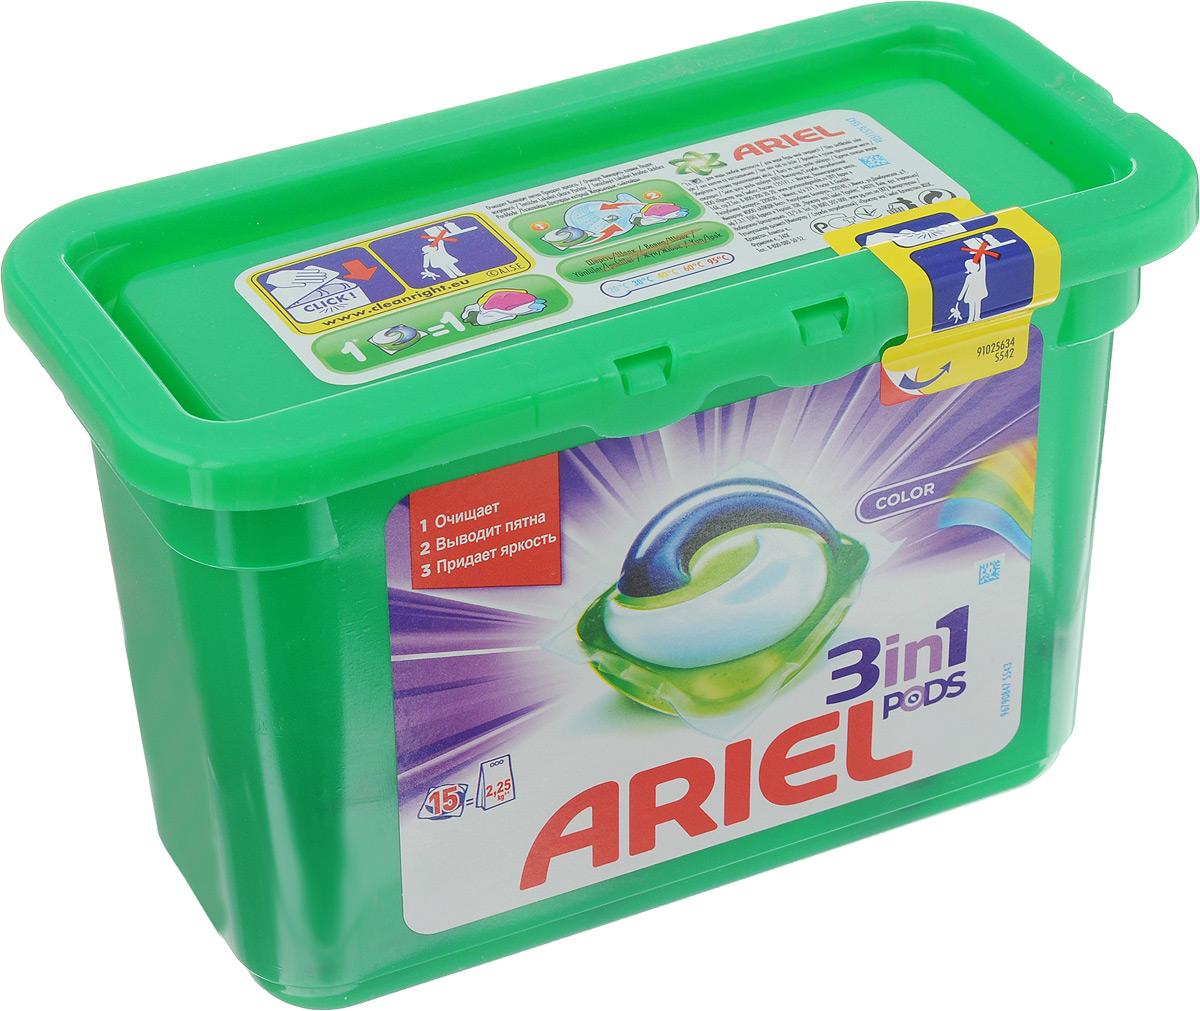 Гель в капсулах Ariel Pods 3 в 1 Color, 15 шт антицеллюлитное средство в капсулах